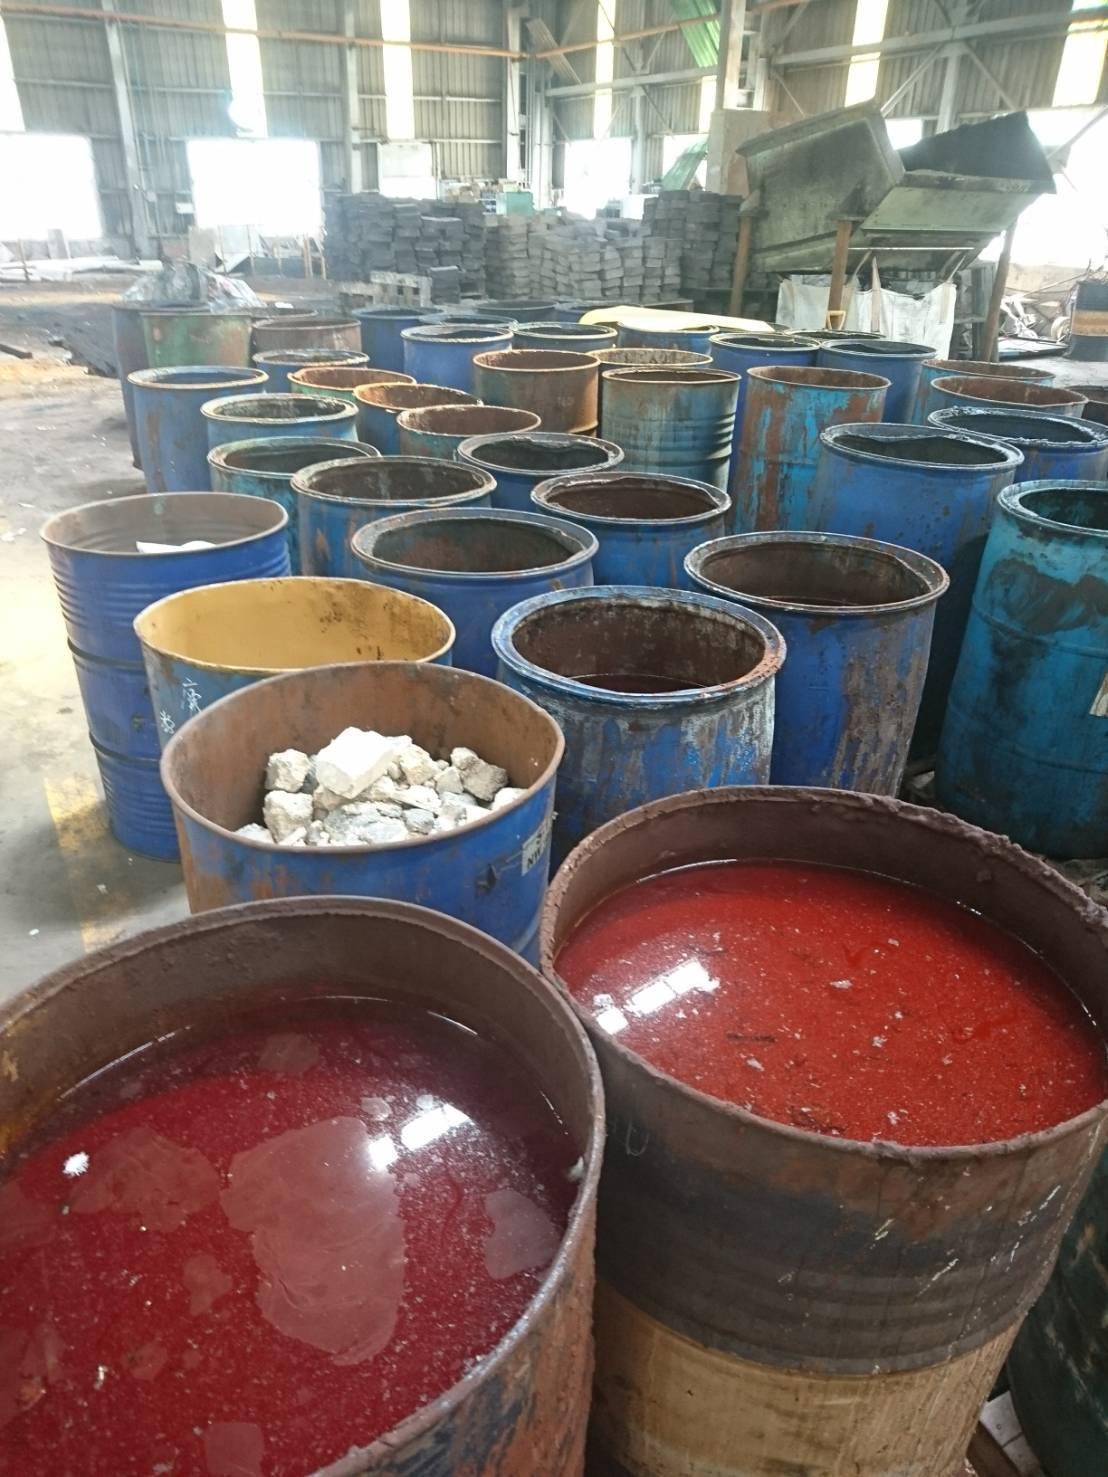 廢毒液擺在繡蝕鐵桶裡,存放在廠區裡令人擔憂。(檢警提供)